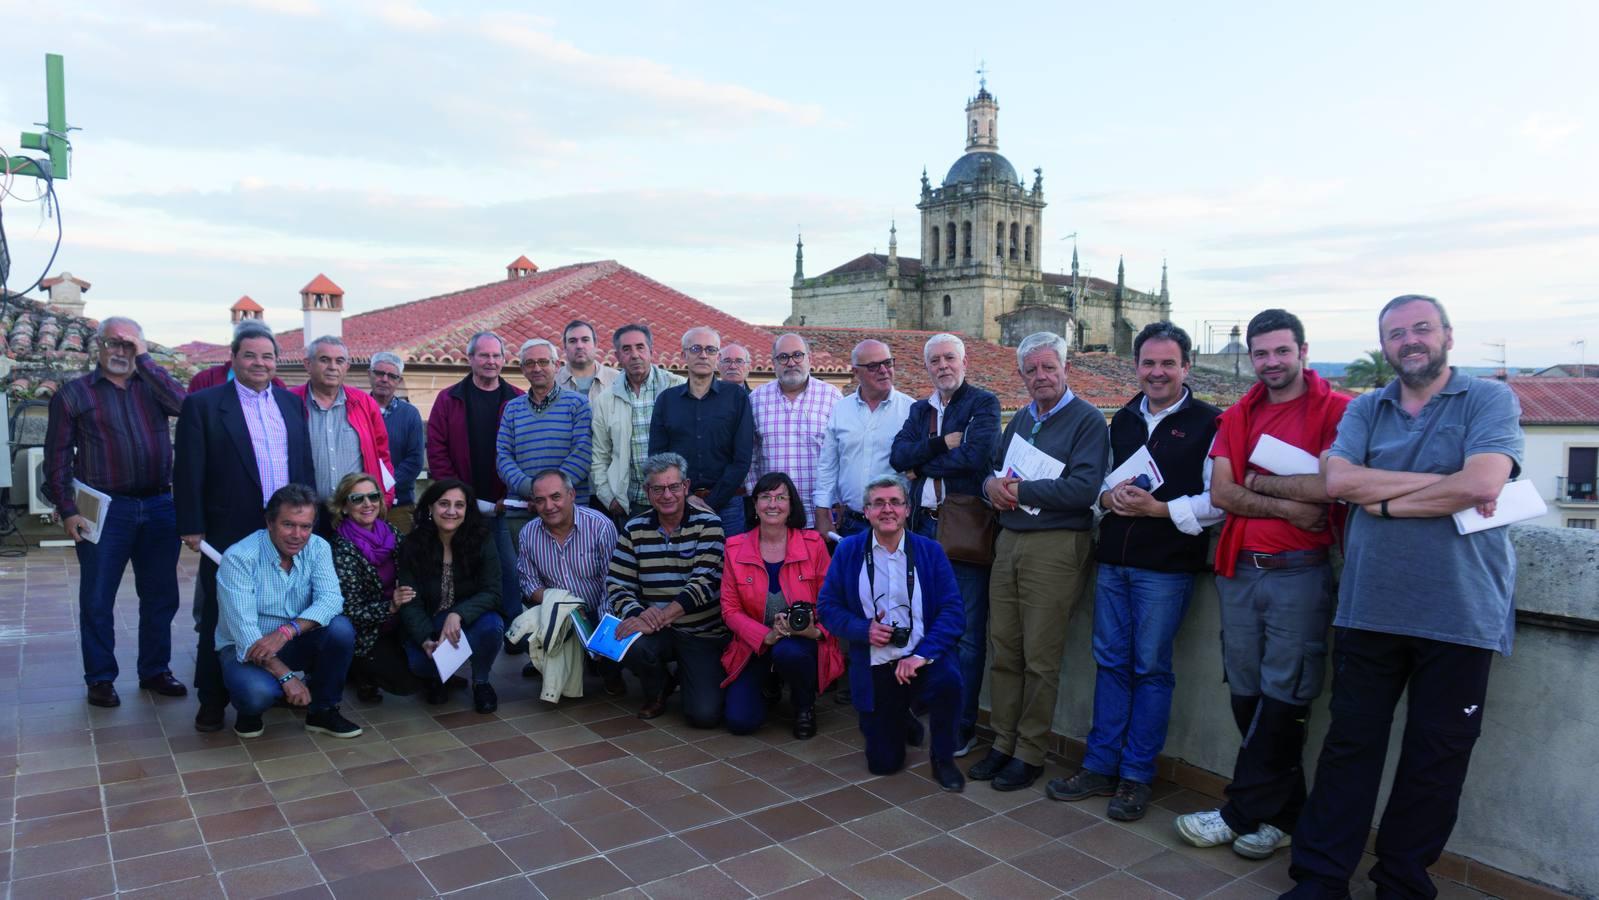 La Asociación Amigos del Castillo celebra su Asamblea General el próximo día 27 de marzo